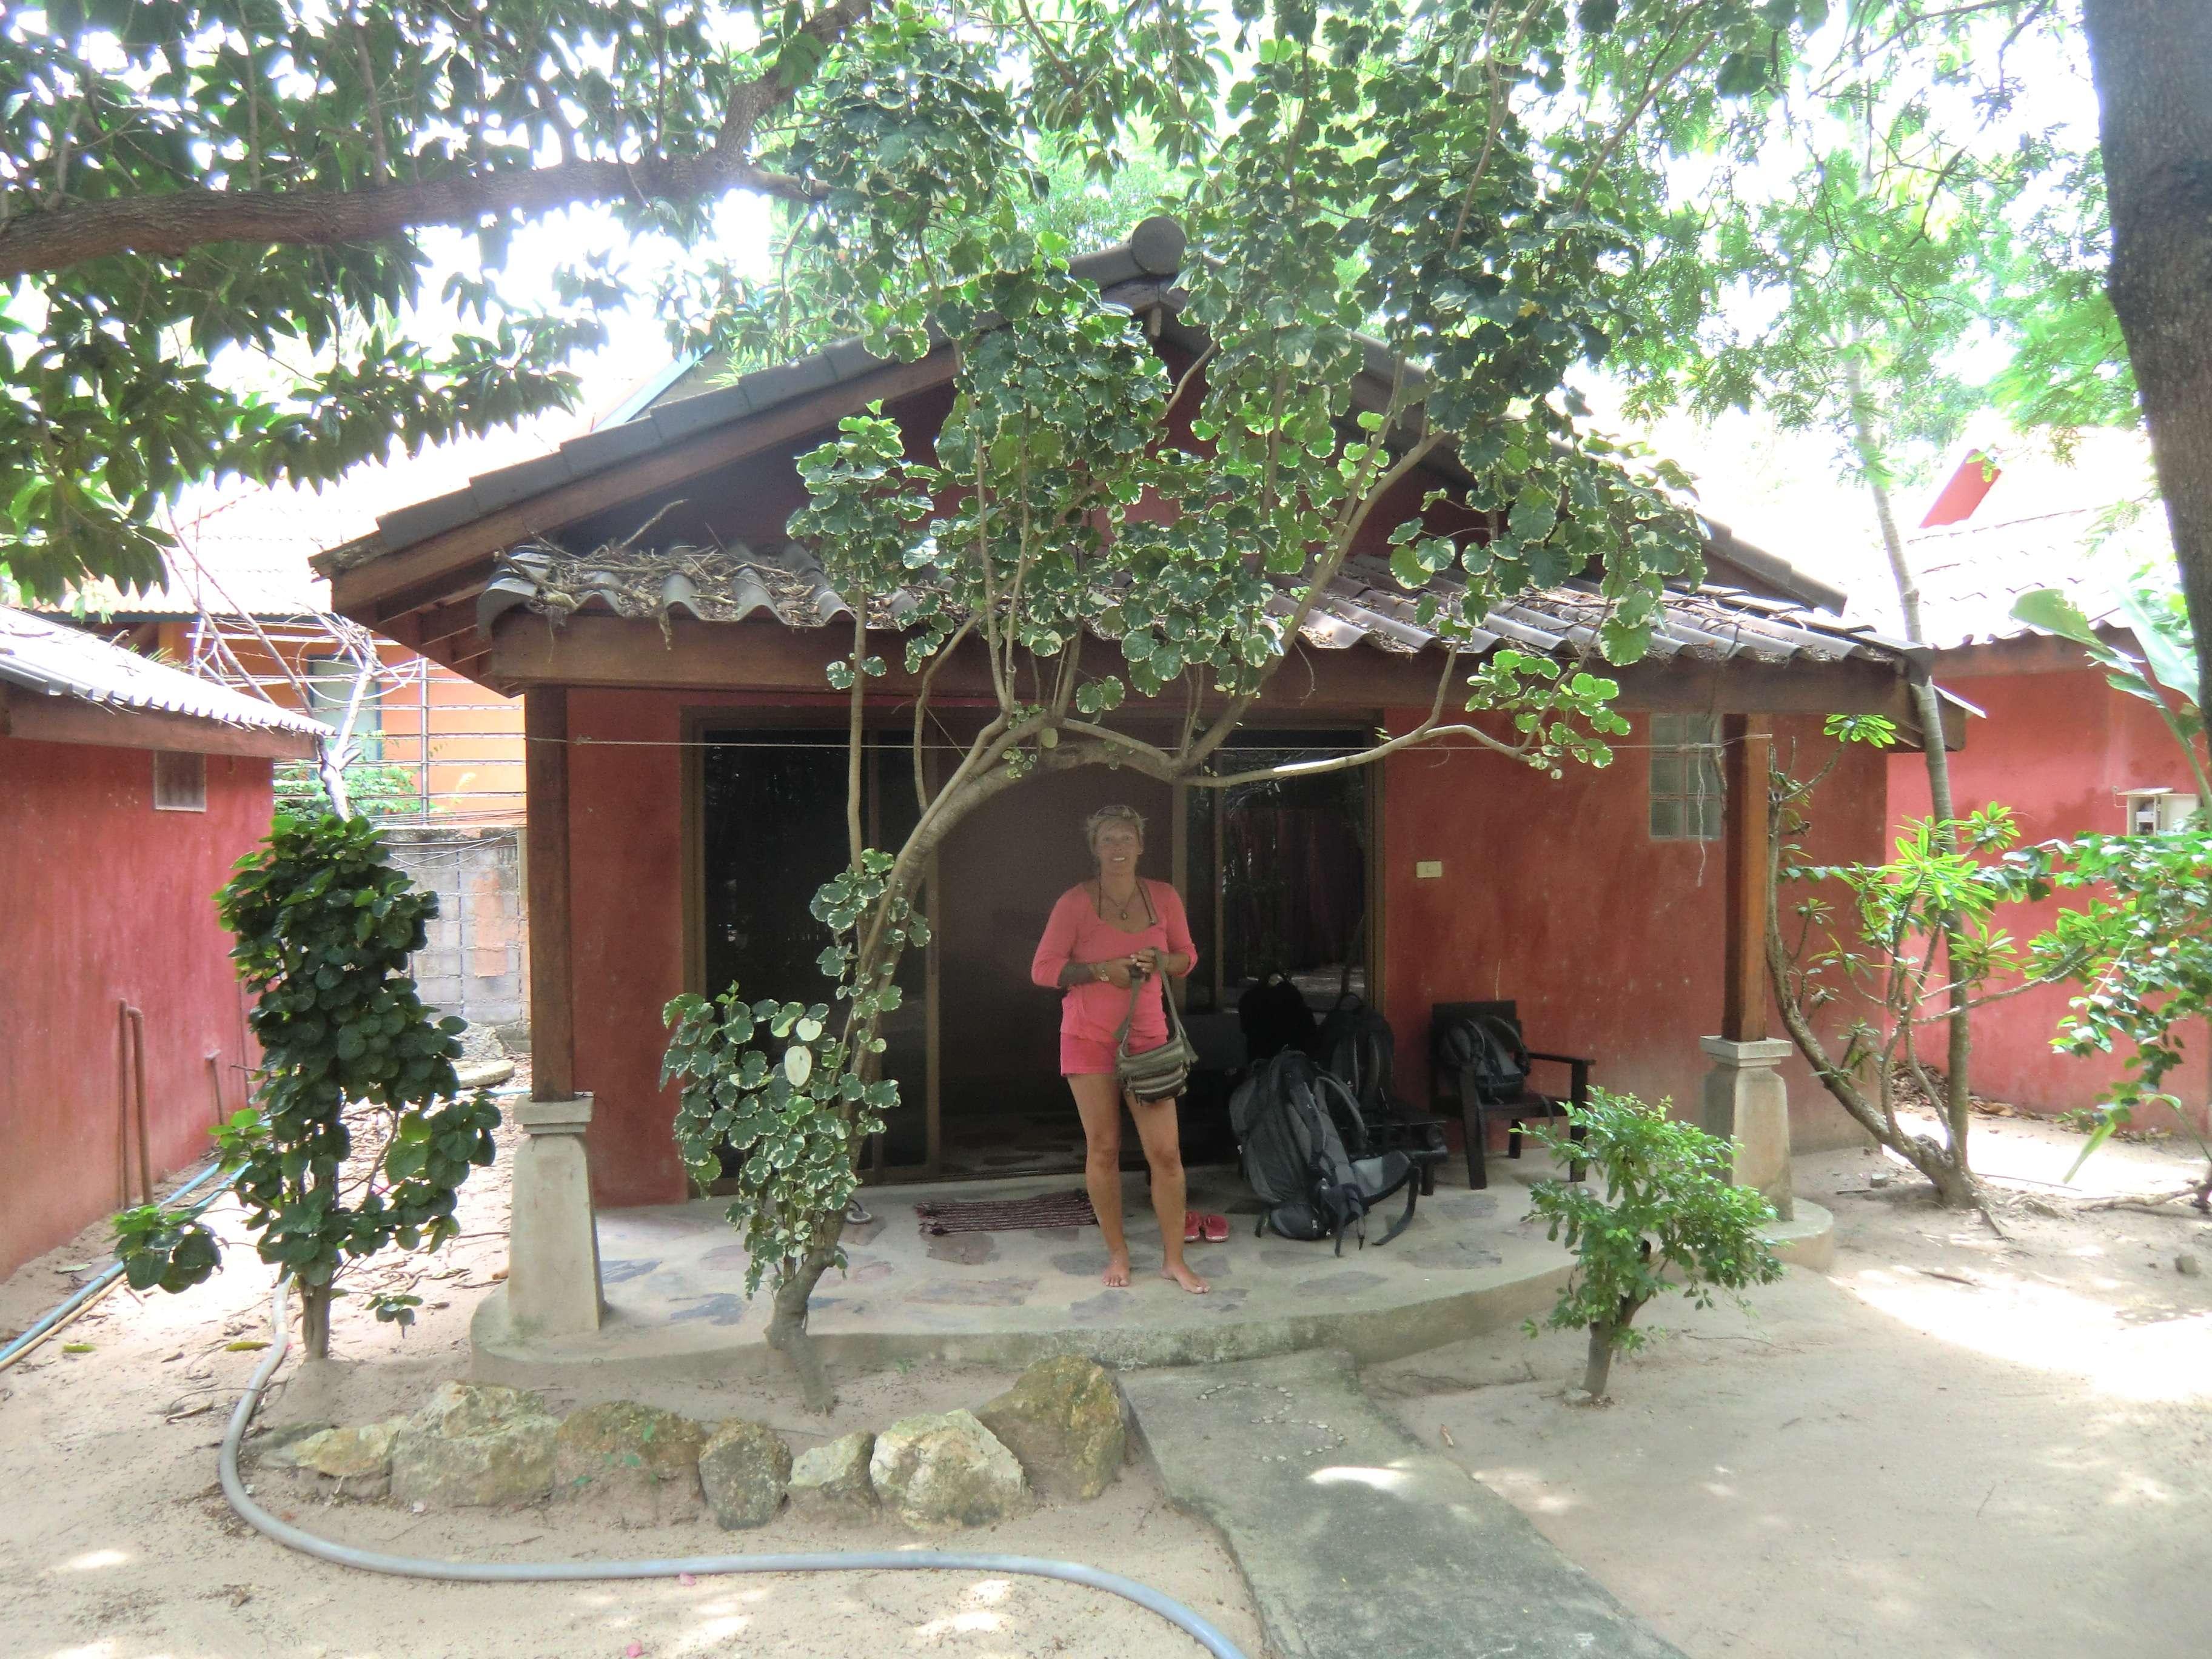 unsere Hütte ( das Bild wo beide drauf waren sieht doof aus ;-) )